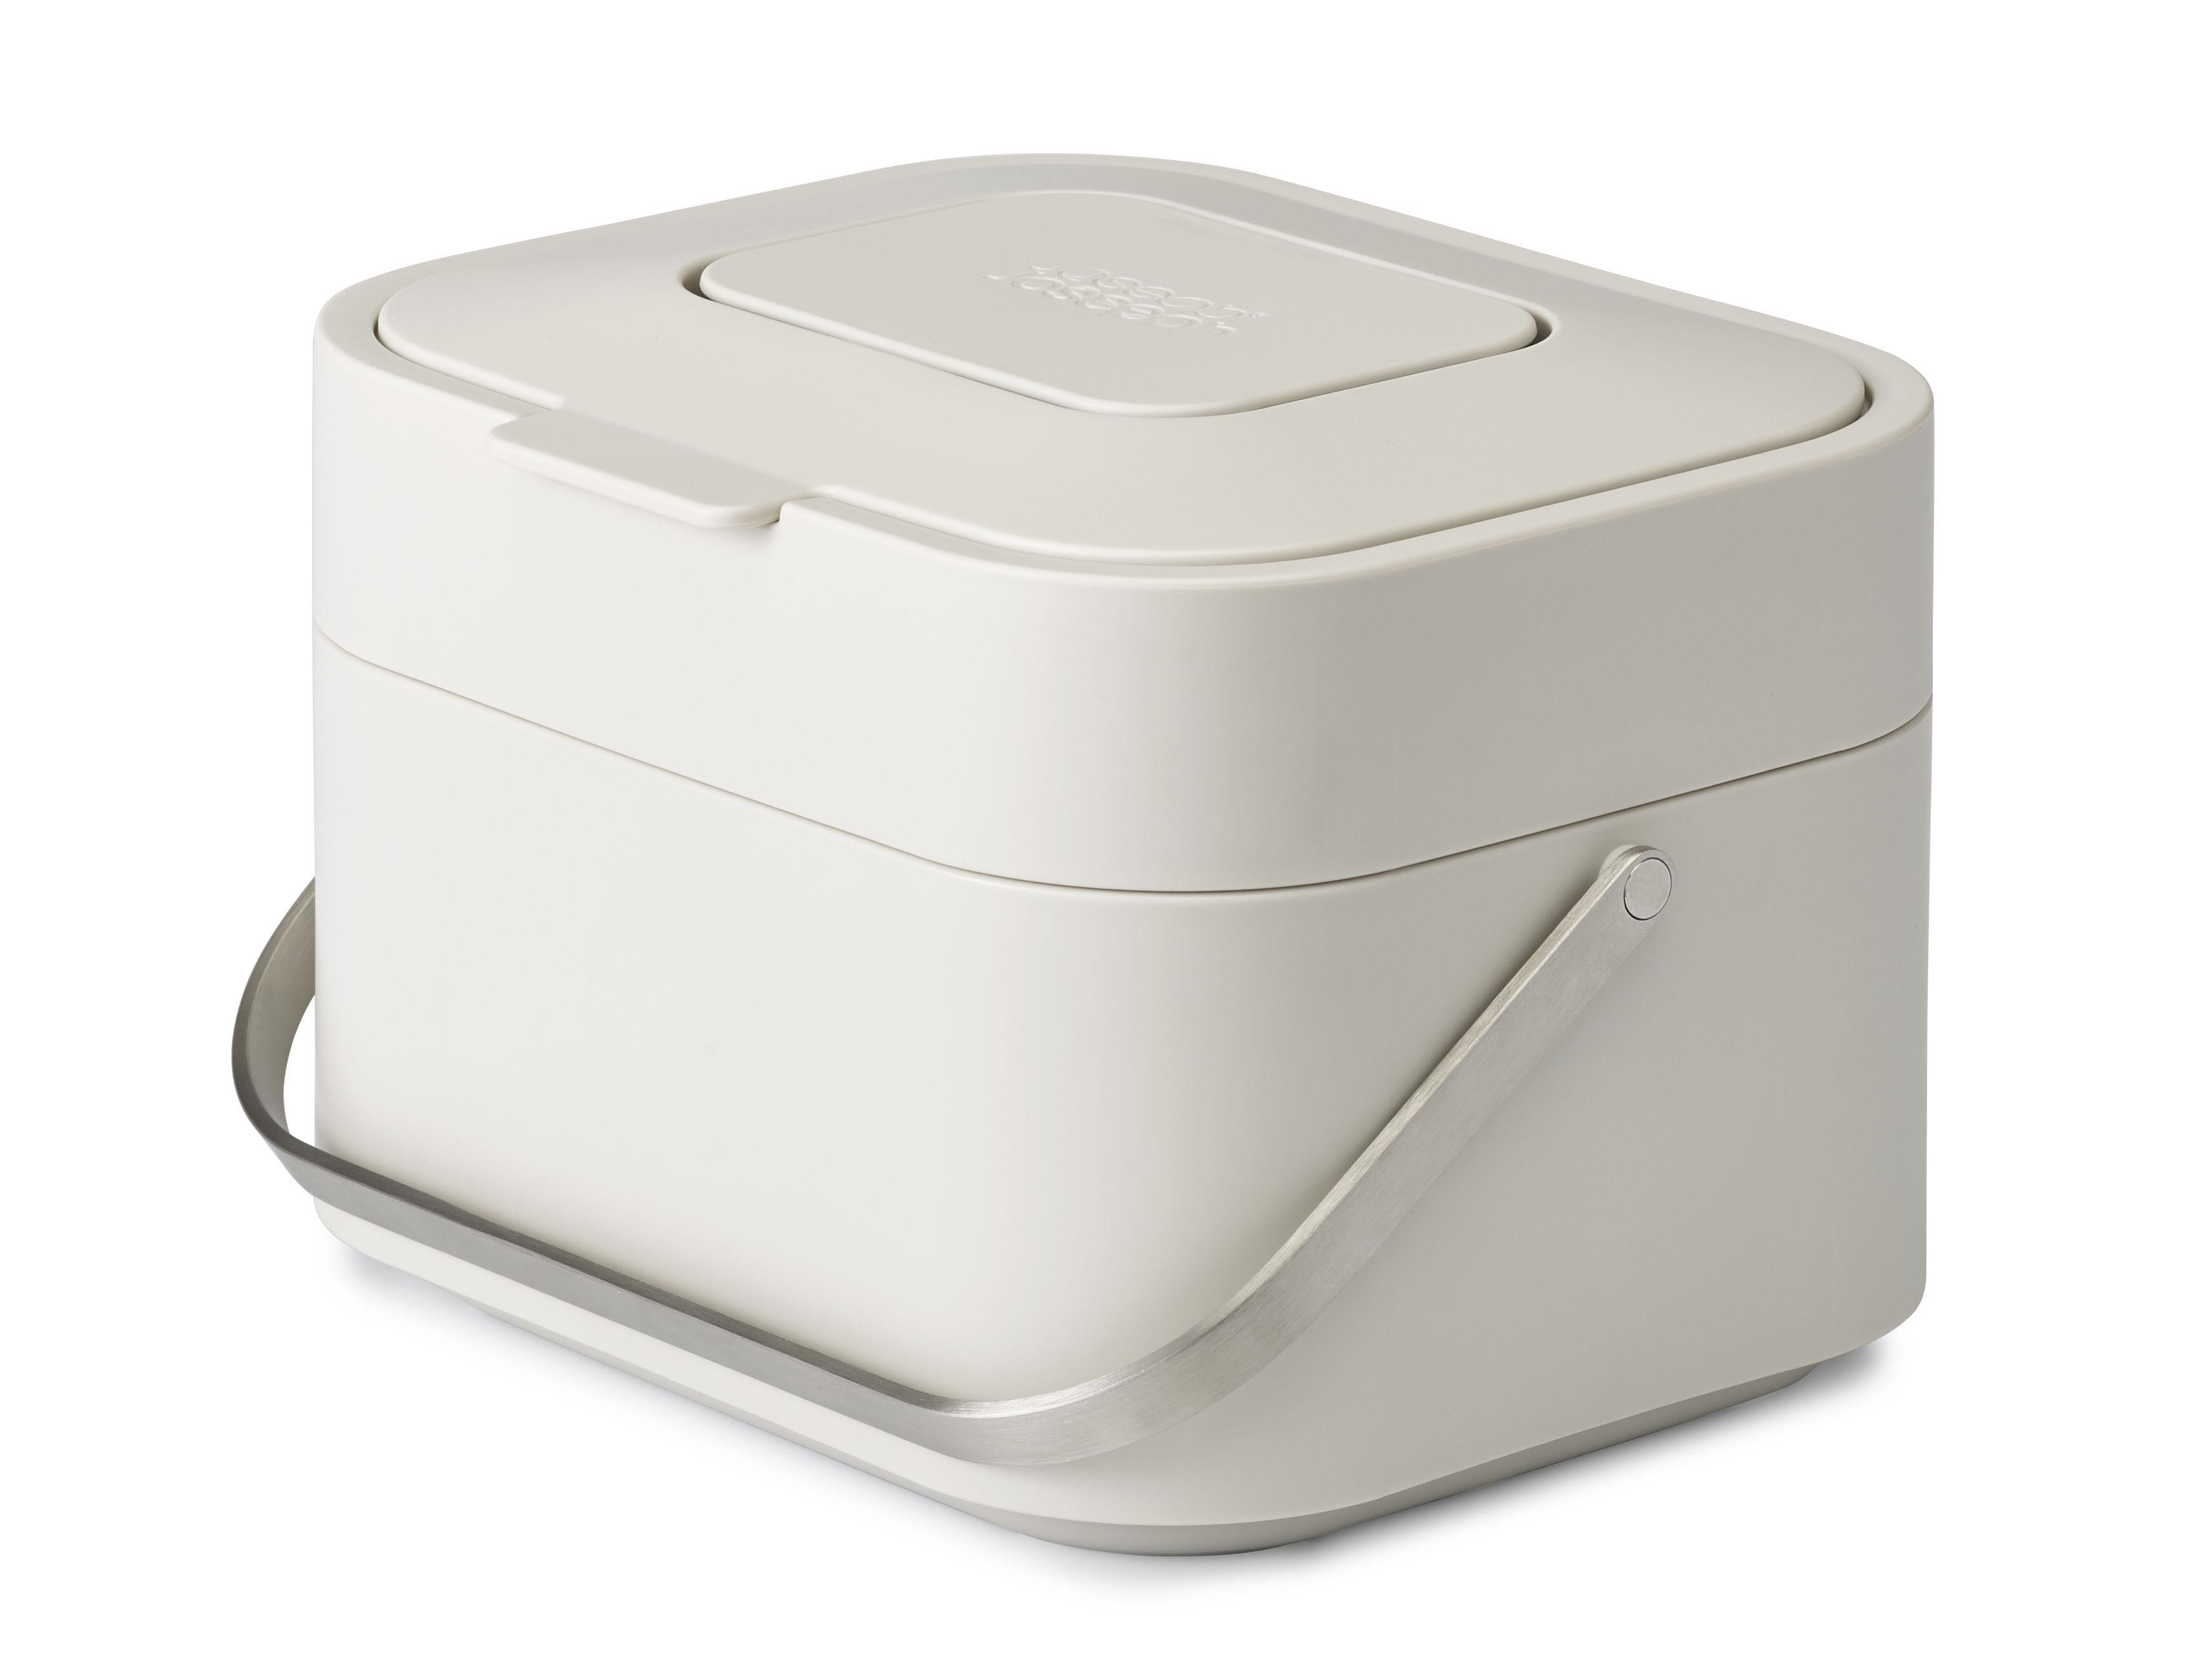 poubelle de tri stack 4 litres pour d chets organiques filtre anti odeurs pierre joseph joseph. Black Bedroom Furniture Sets. Home Design Ideas